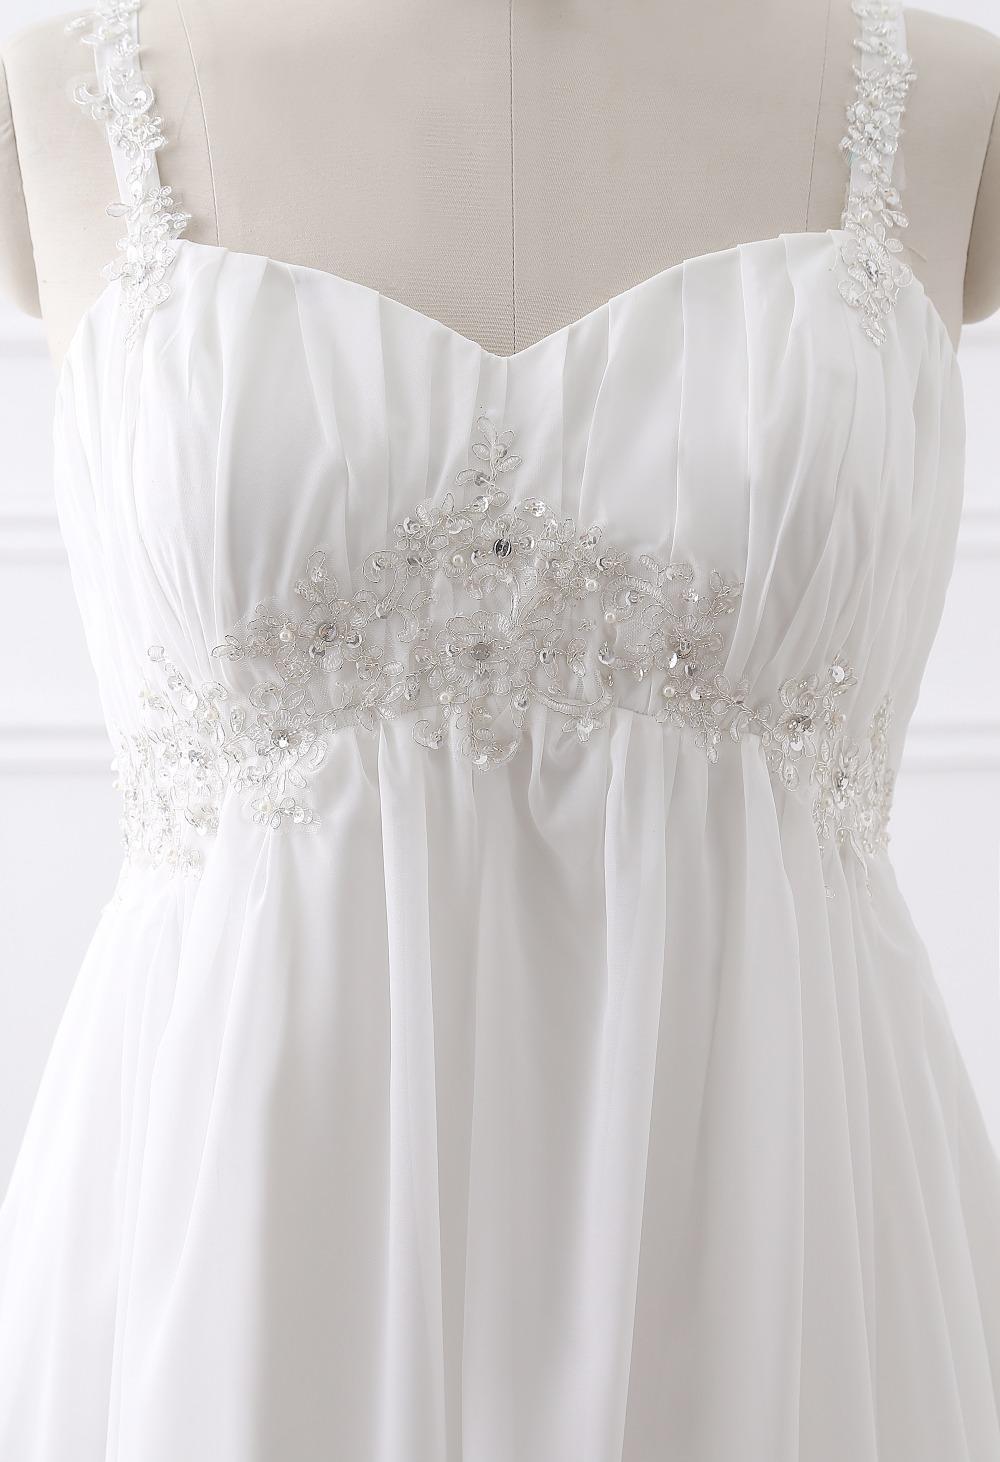 Dlhé svadobné šaty-16 veľkostí,2 farby,pre tehotné - Obrázok č. 3